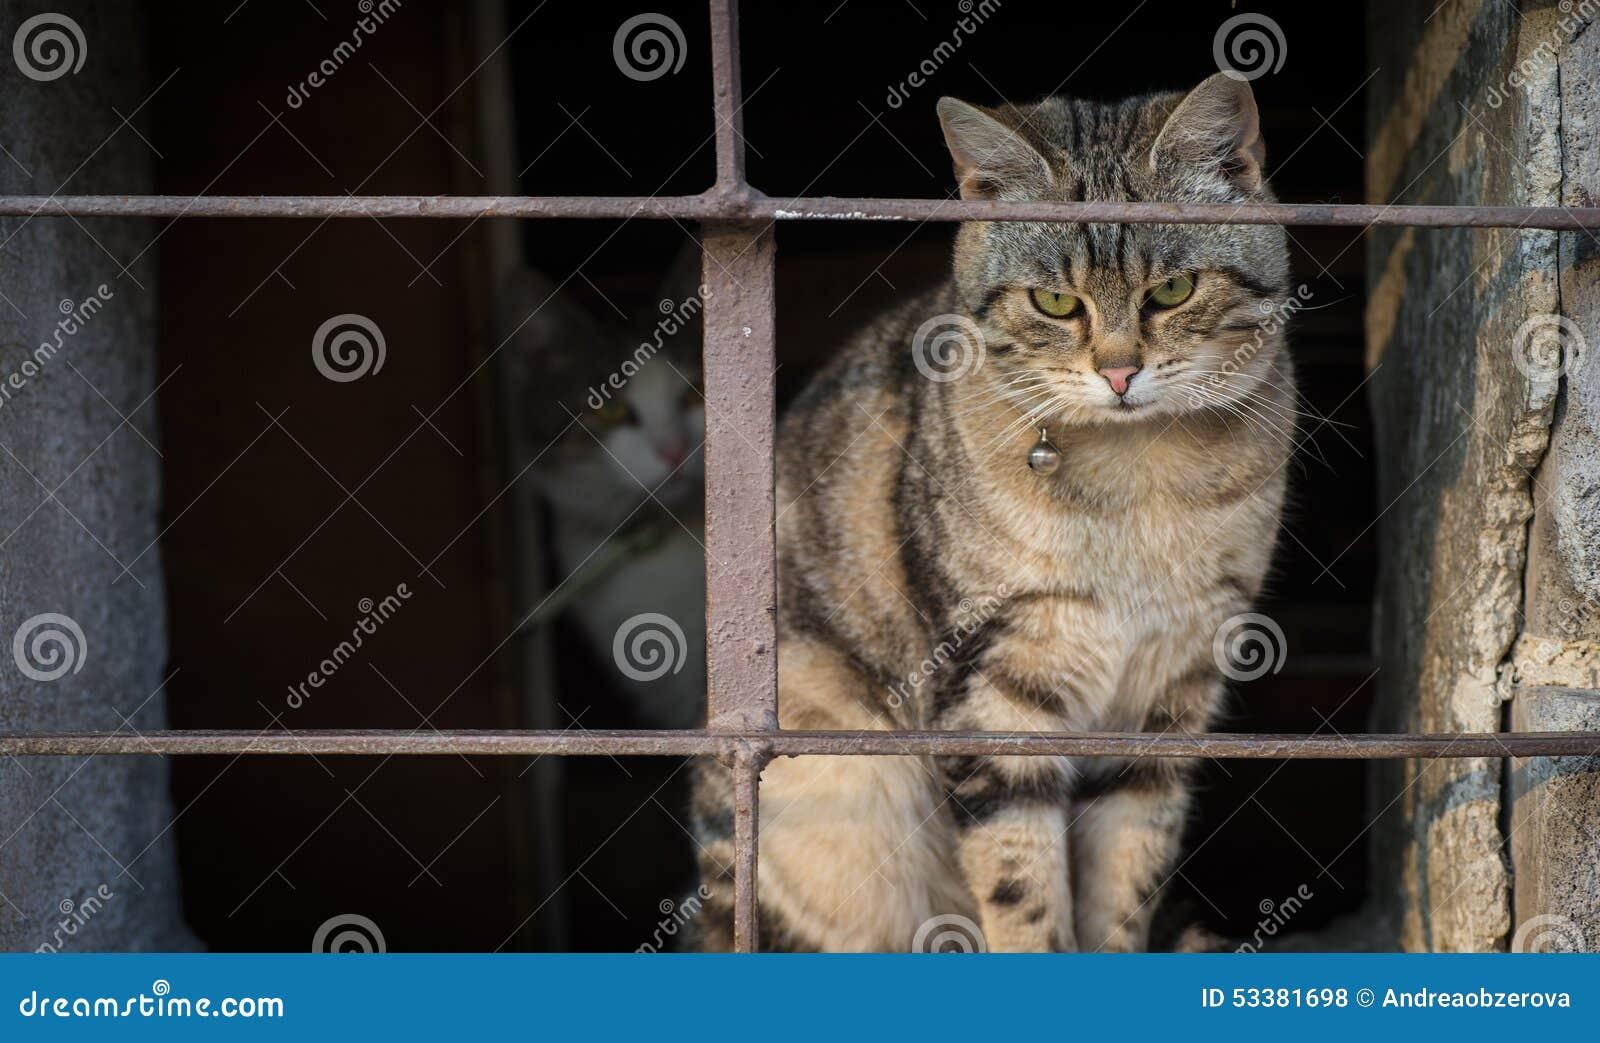 Gatos asustados detrás de barras